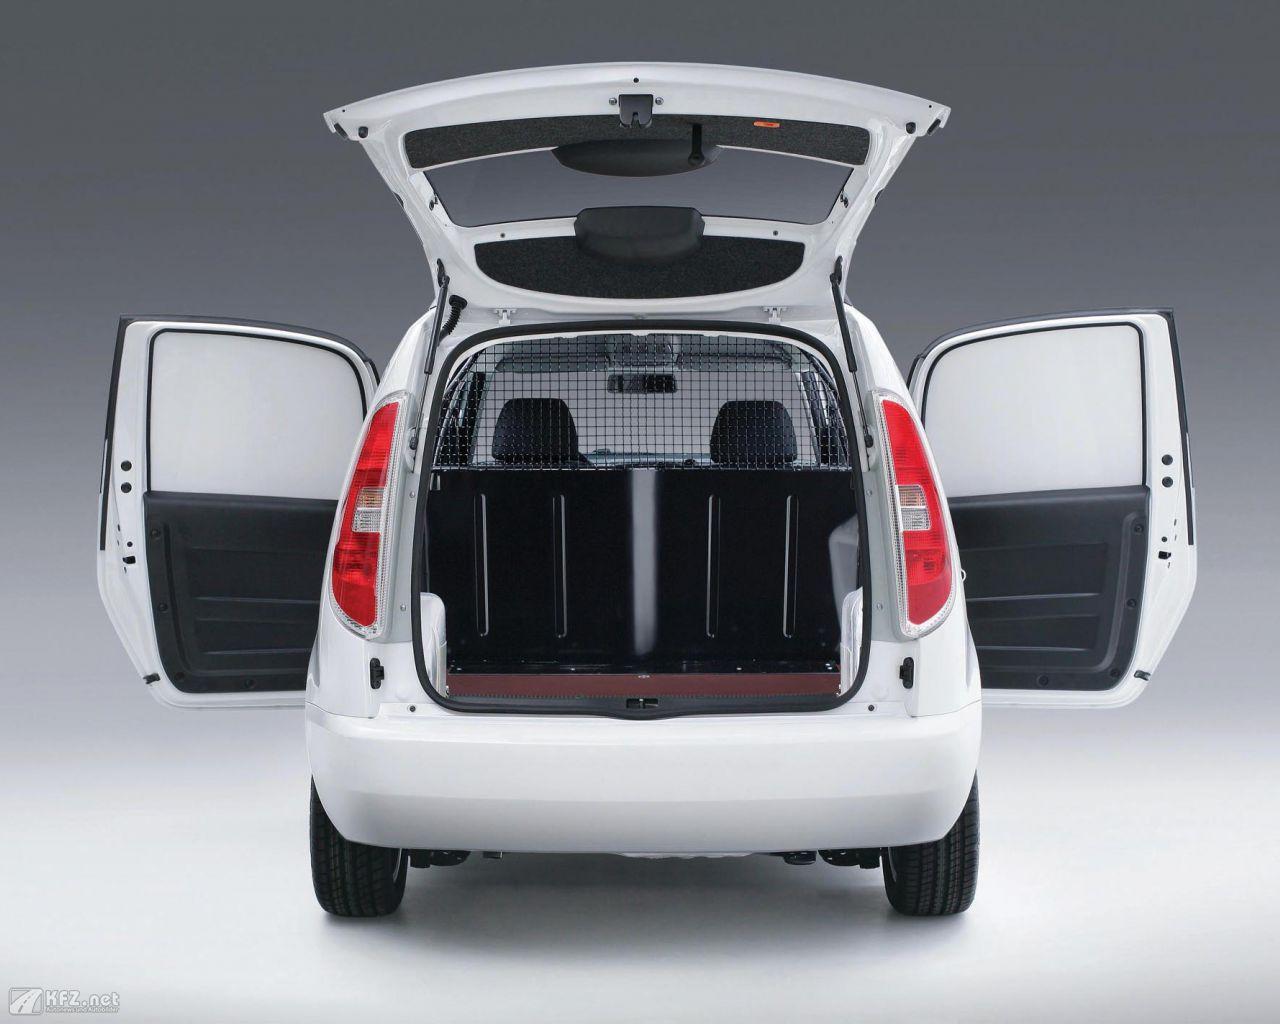 skoda praktik bilder nutzfahrzeug und lieferwagen in einem. Black Bedroom Furniture Sets. Home Design Ideas